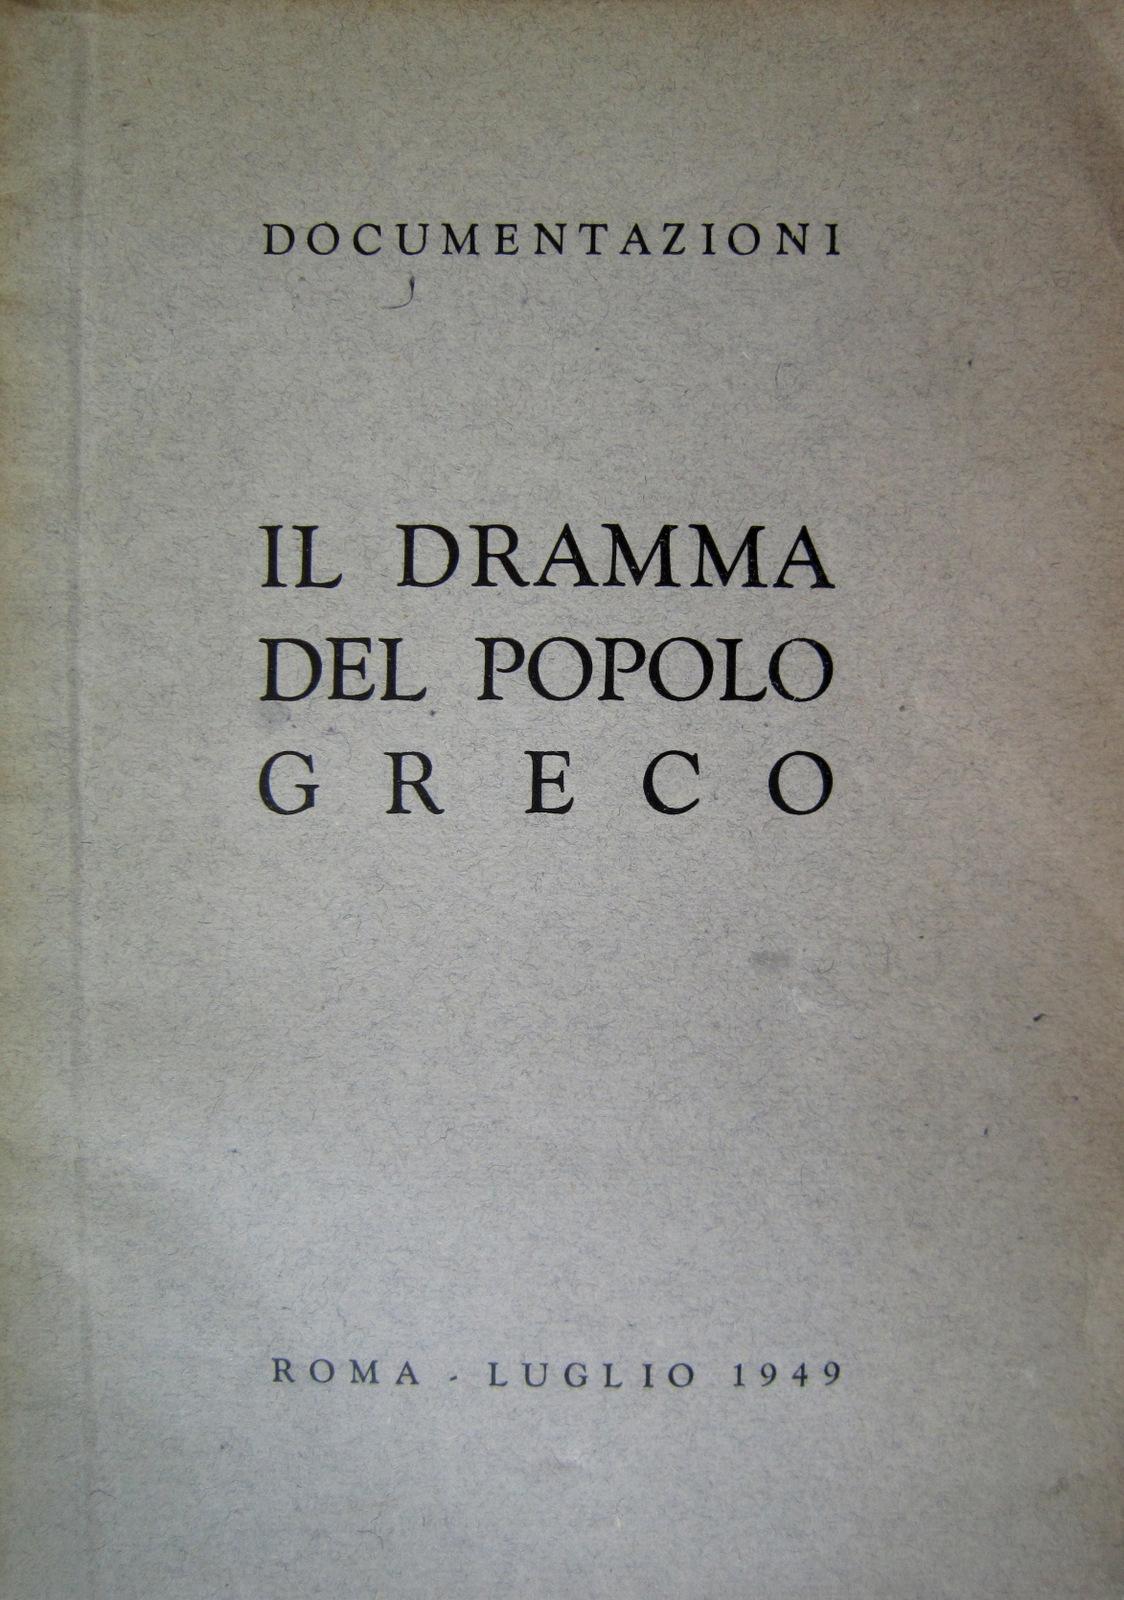 Il dramma del popolo greco